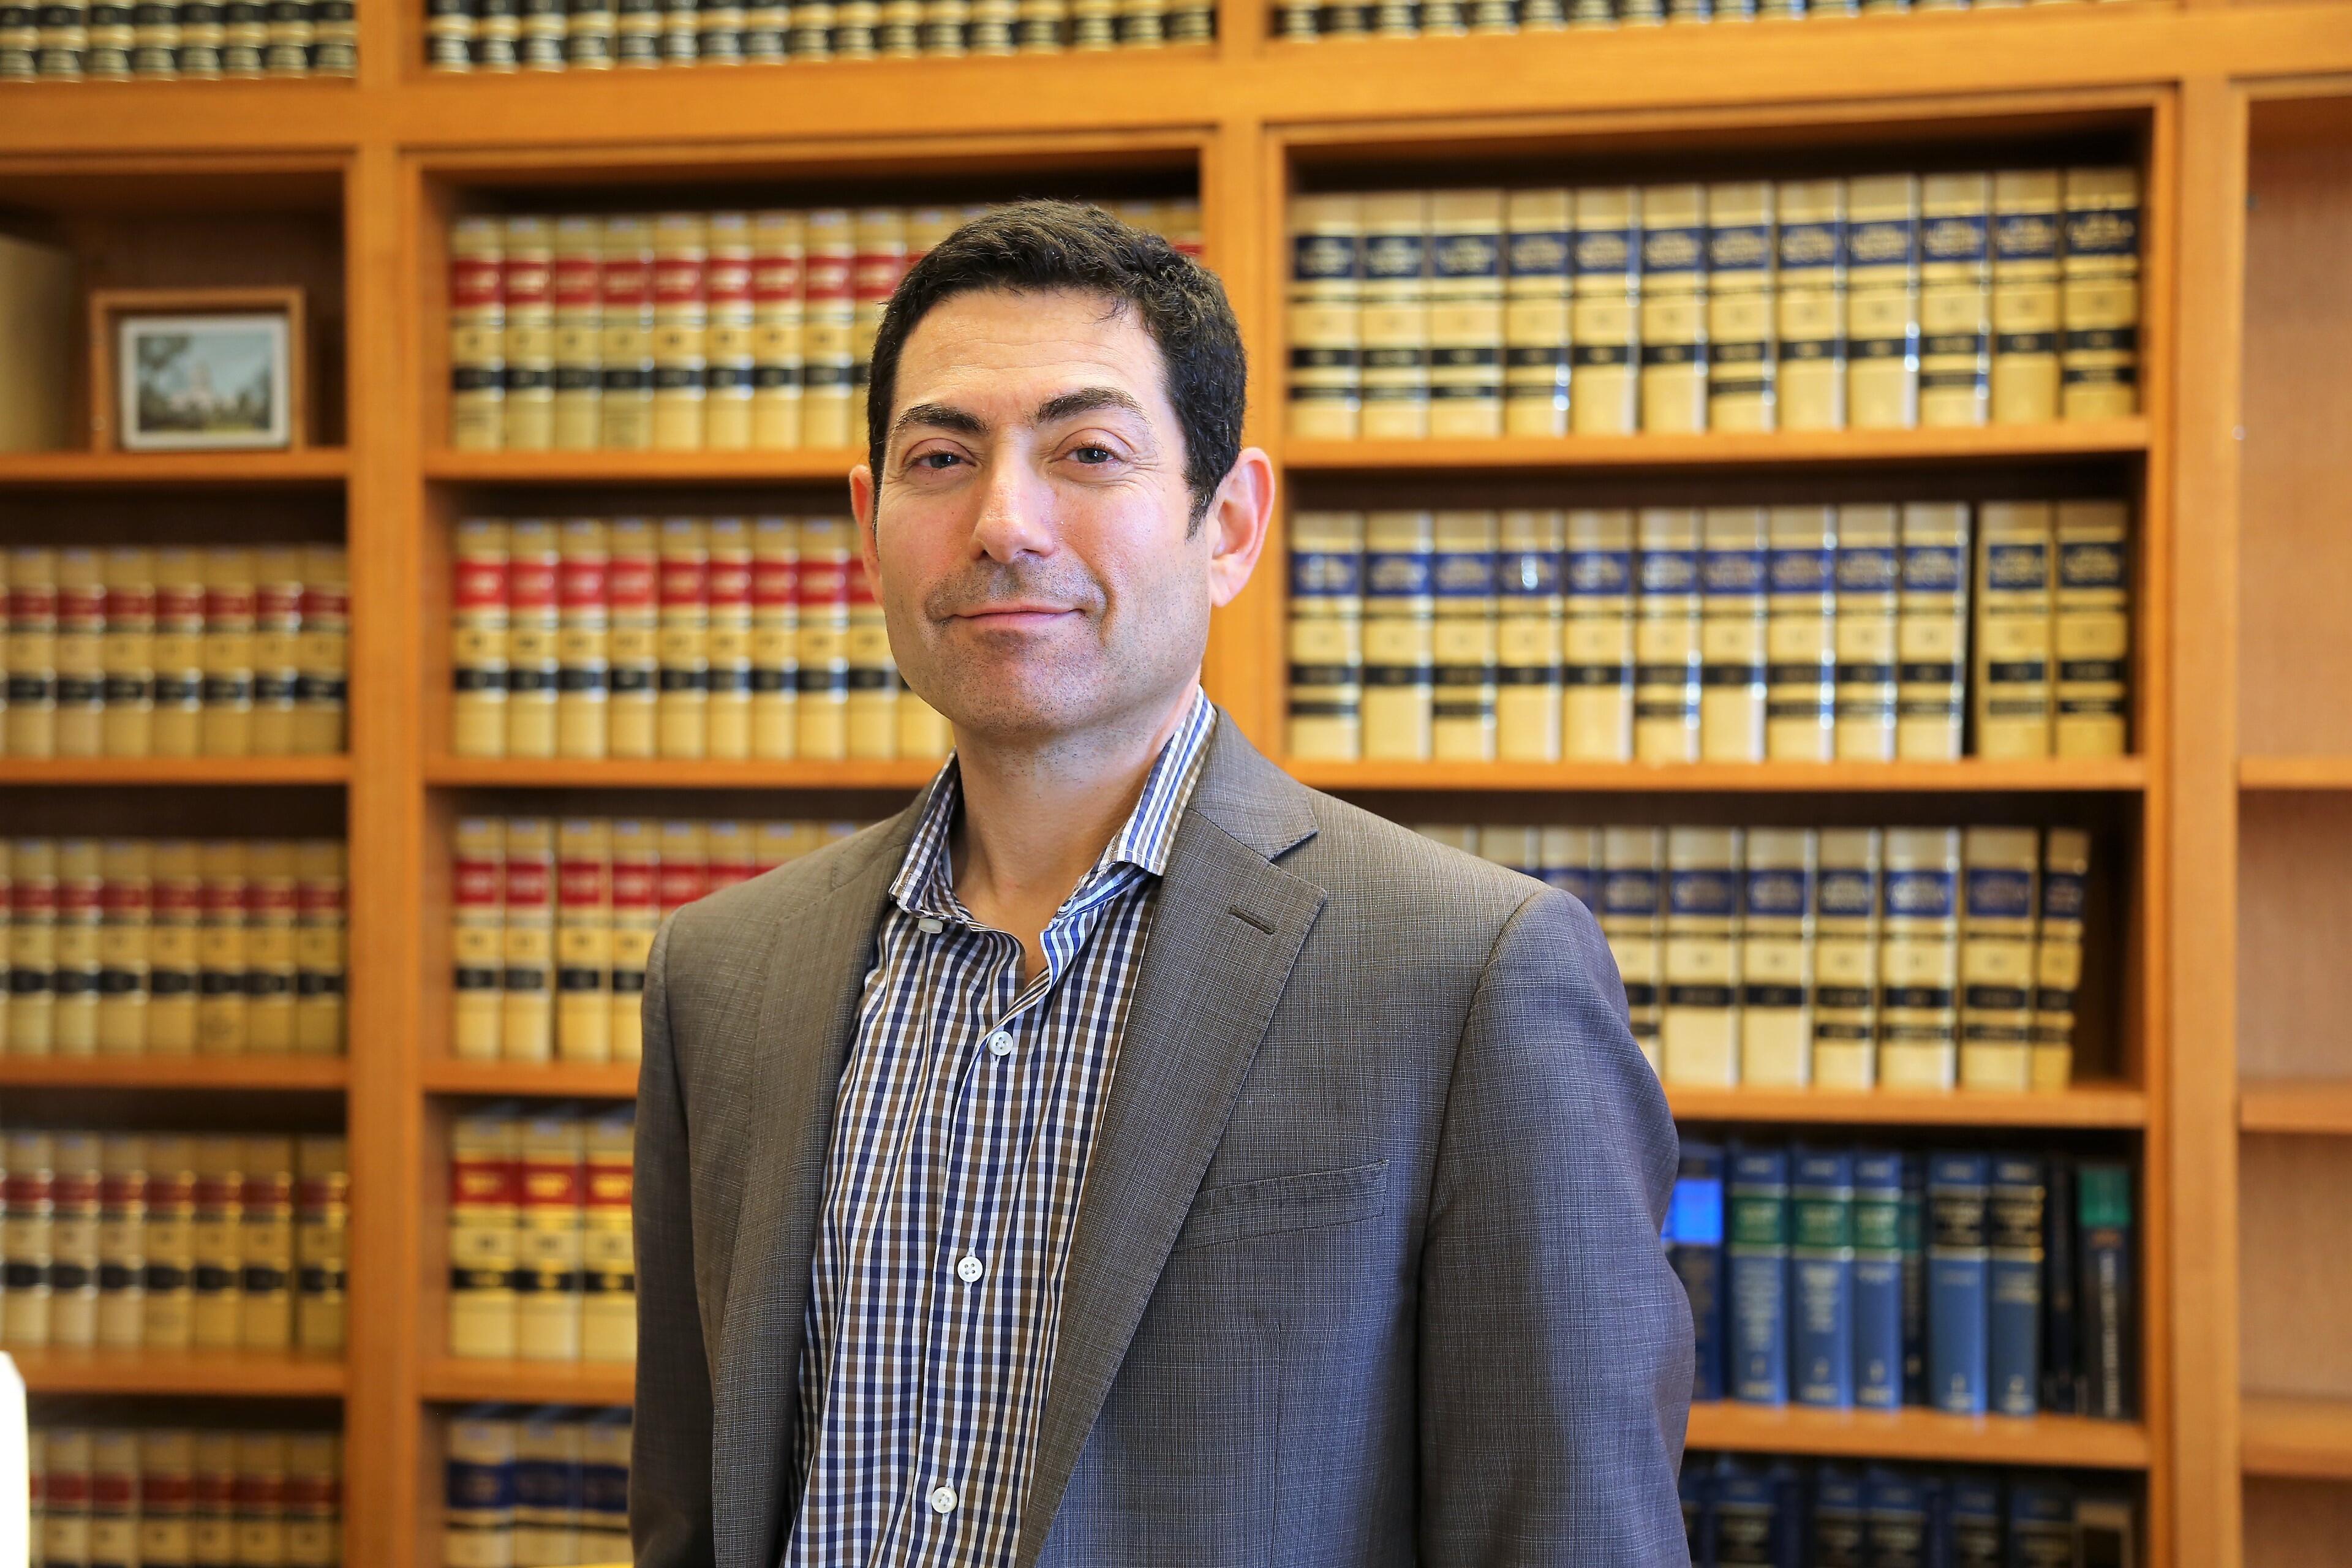 Justice Mariano-Florentino Cuéllar of the California Supreme Court